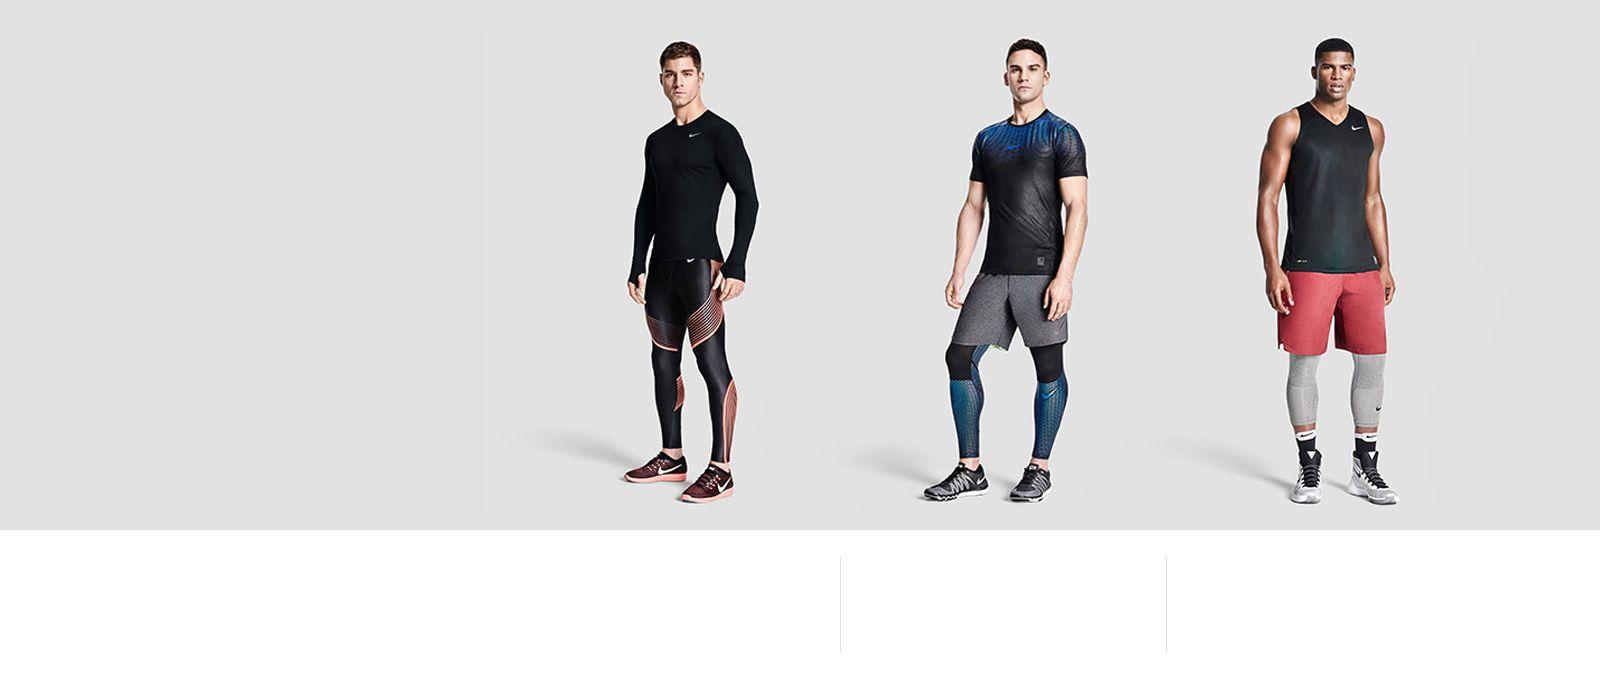 De Doudoune D hiver Vetement Nike Homme Sport Pull Chapka amp  dpwvwXq d0eb0572891